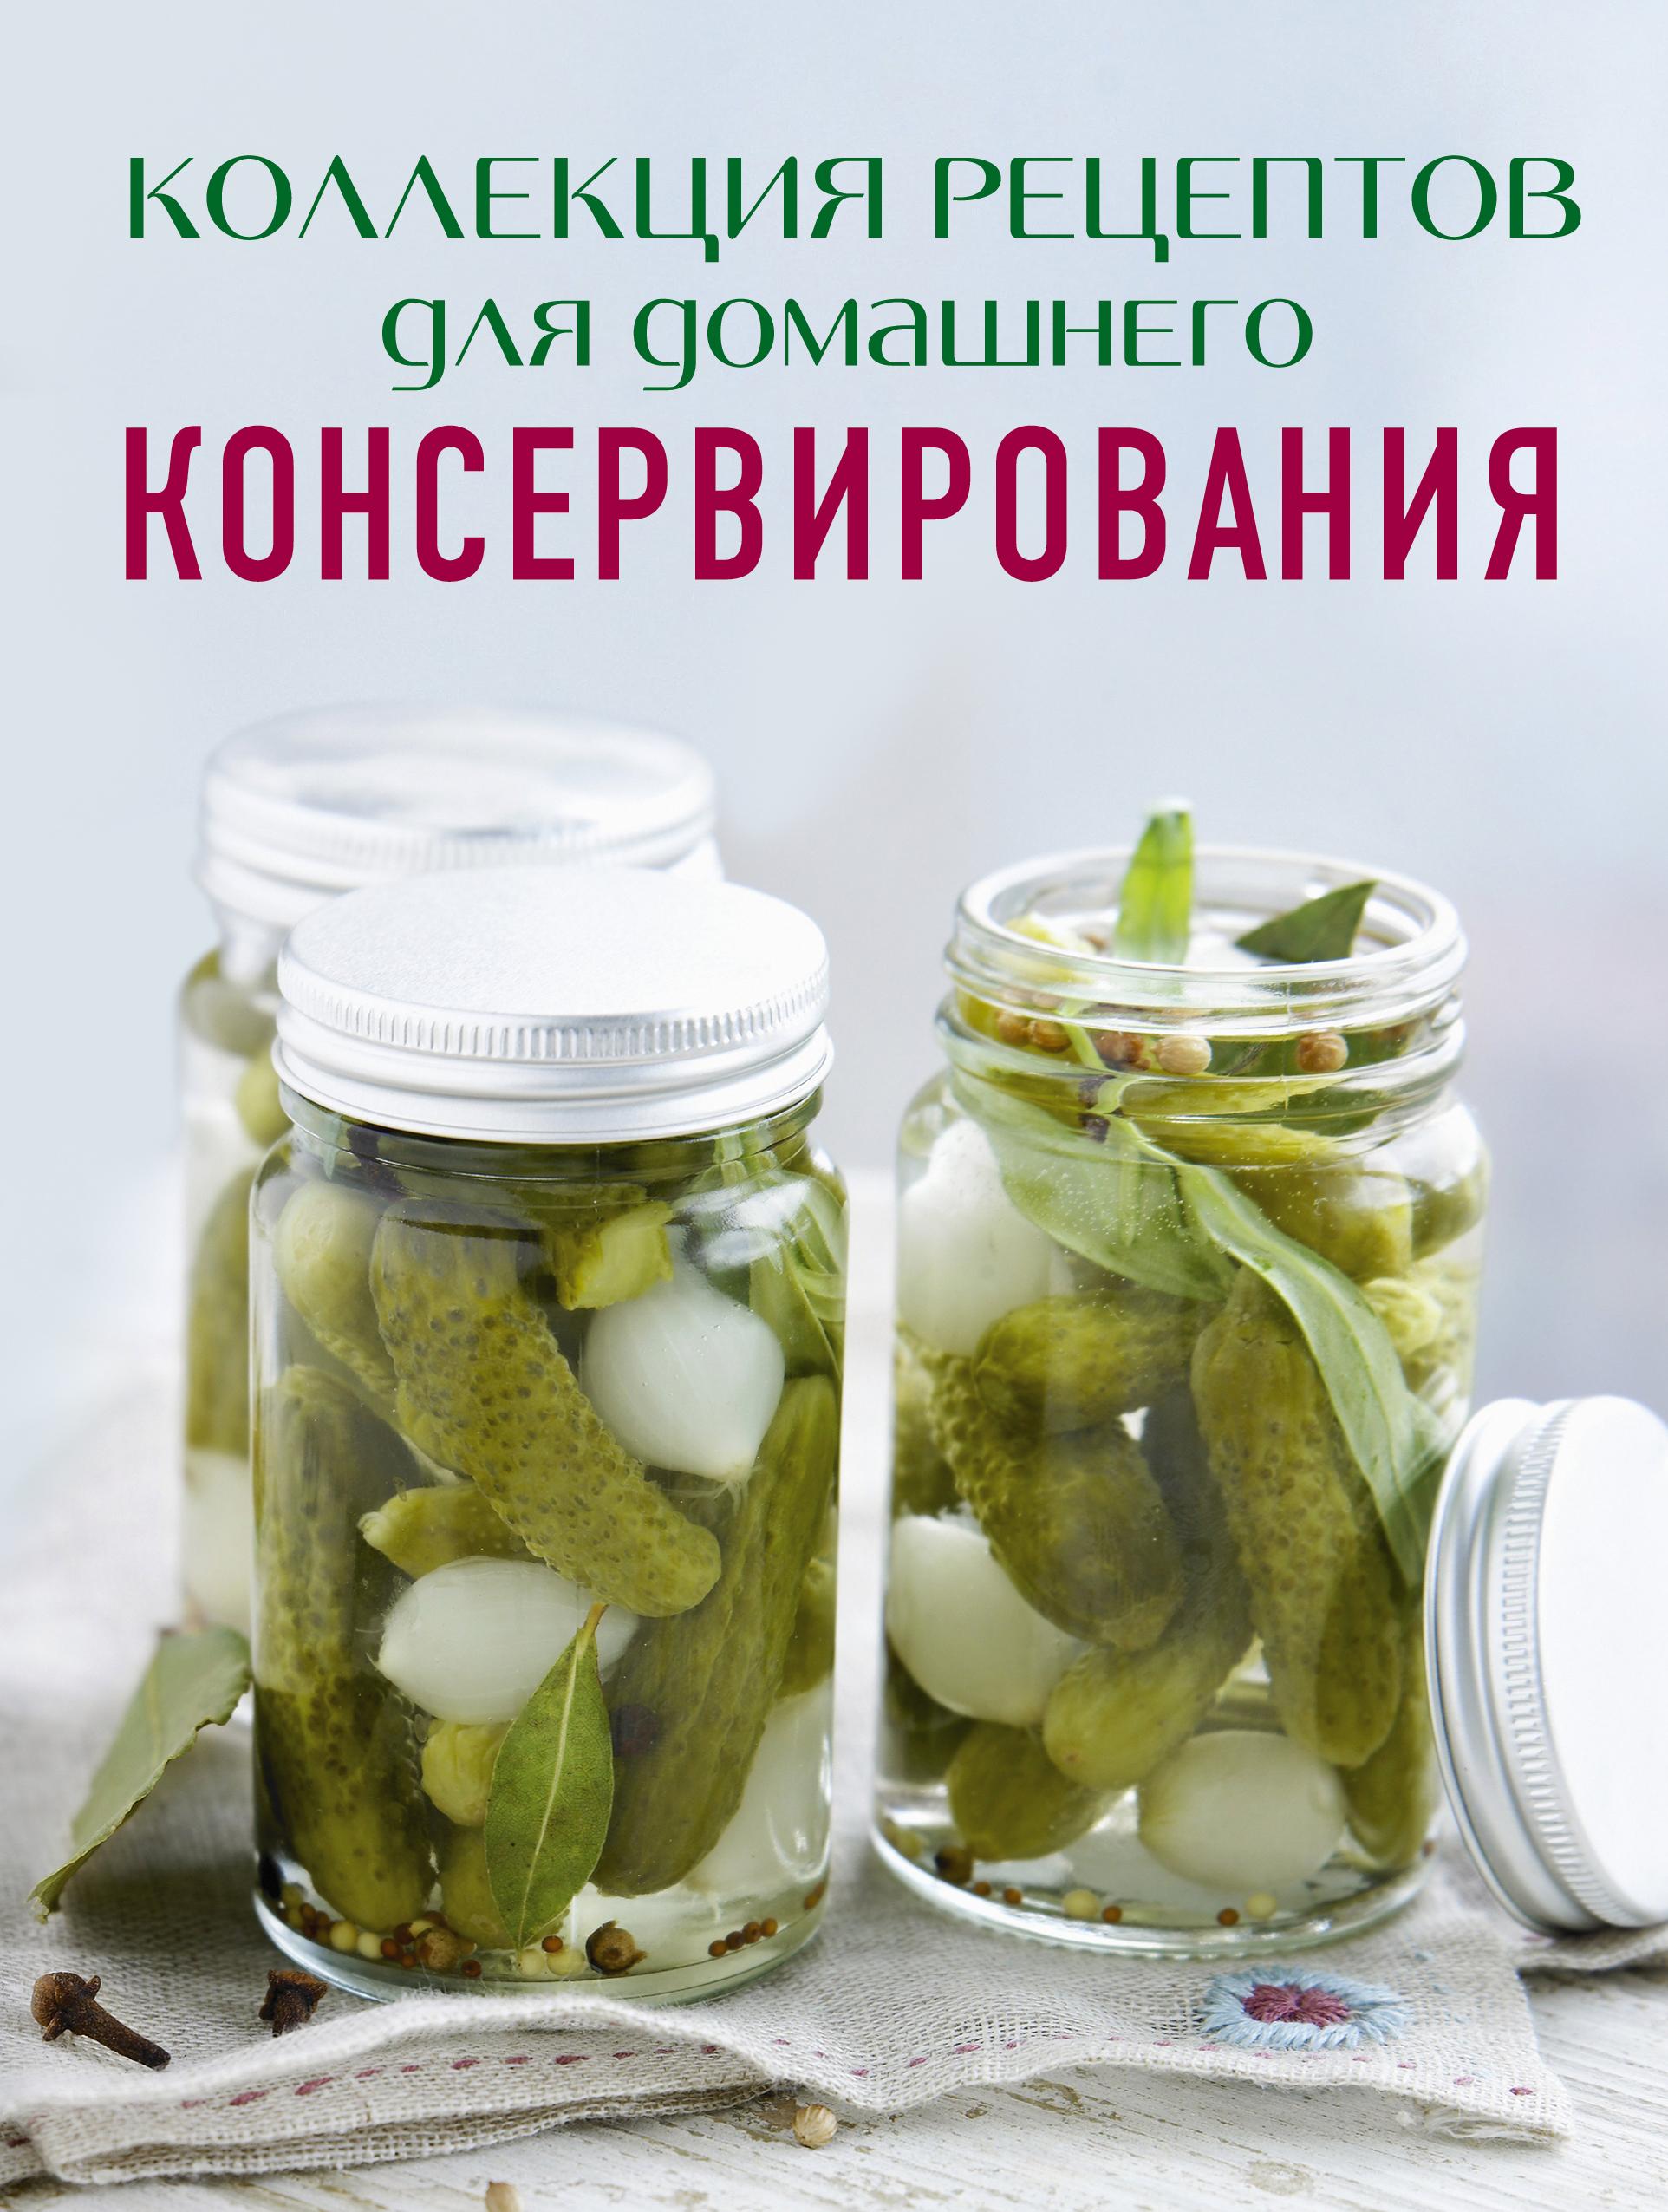 Коллекция рецептов для домашнего консервирования олег ольхов рыба морепродукты на вашем столе